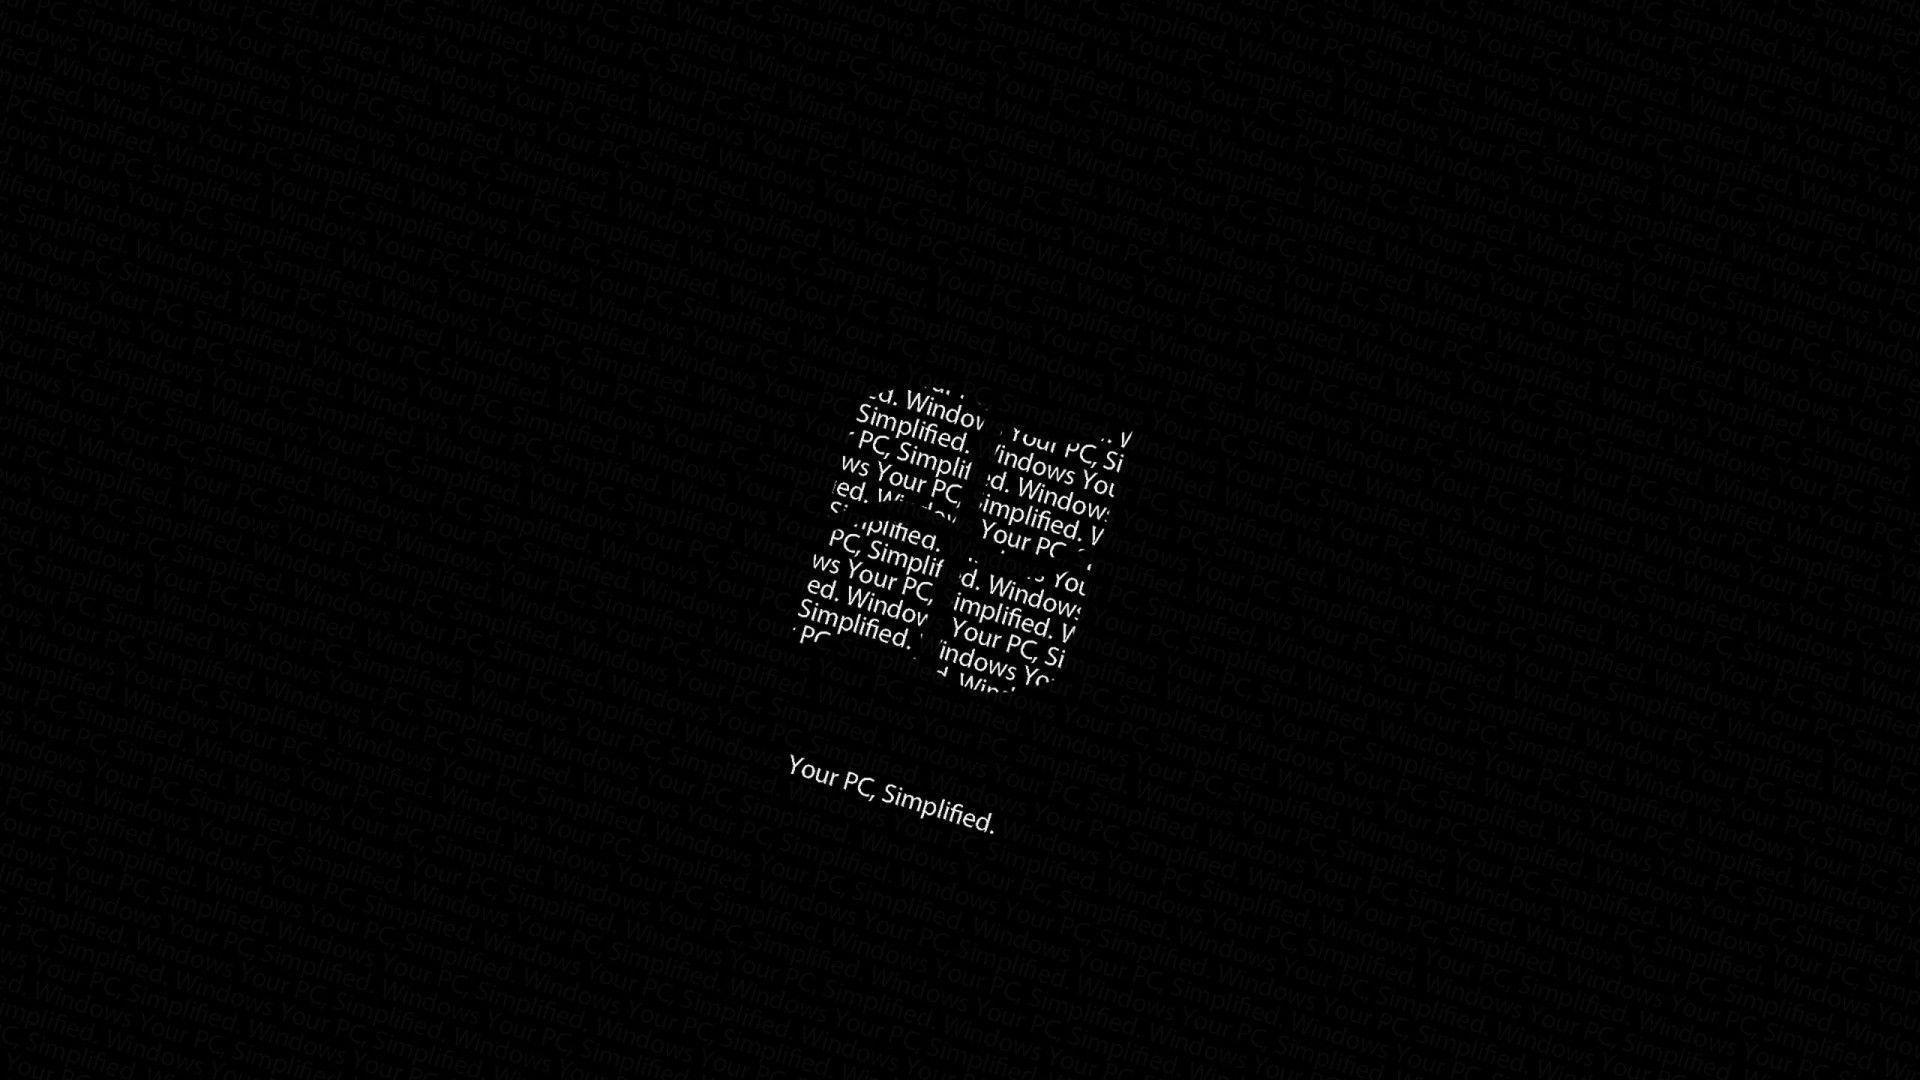 Black Aesthetic Quotes Desktop Wallpapers Top Free Black Aesthetic Quotes Desktop Backgrounds Wallpaperaccess Sad black aesthetic wallpapers wallpaper cave. black aesthetic quotes desktop